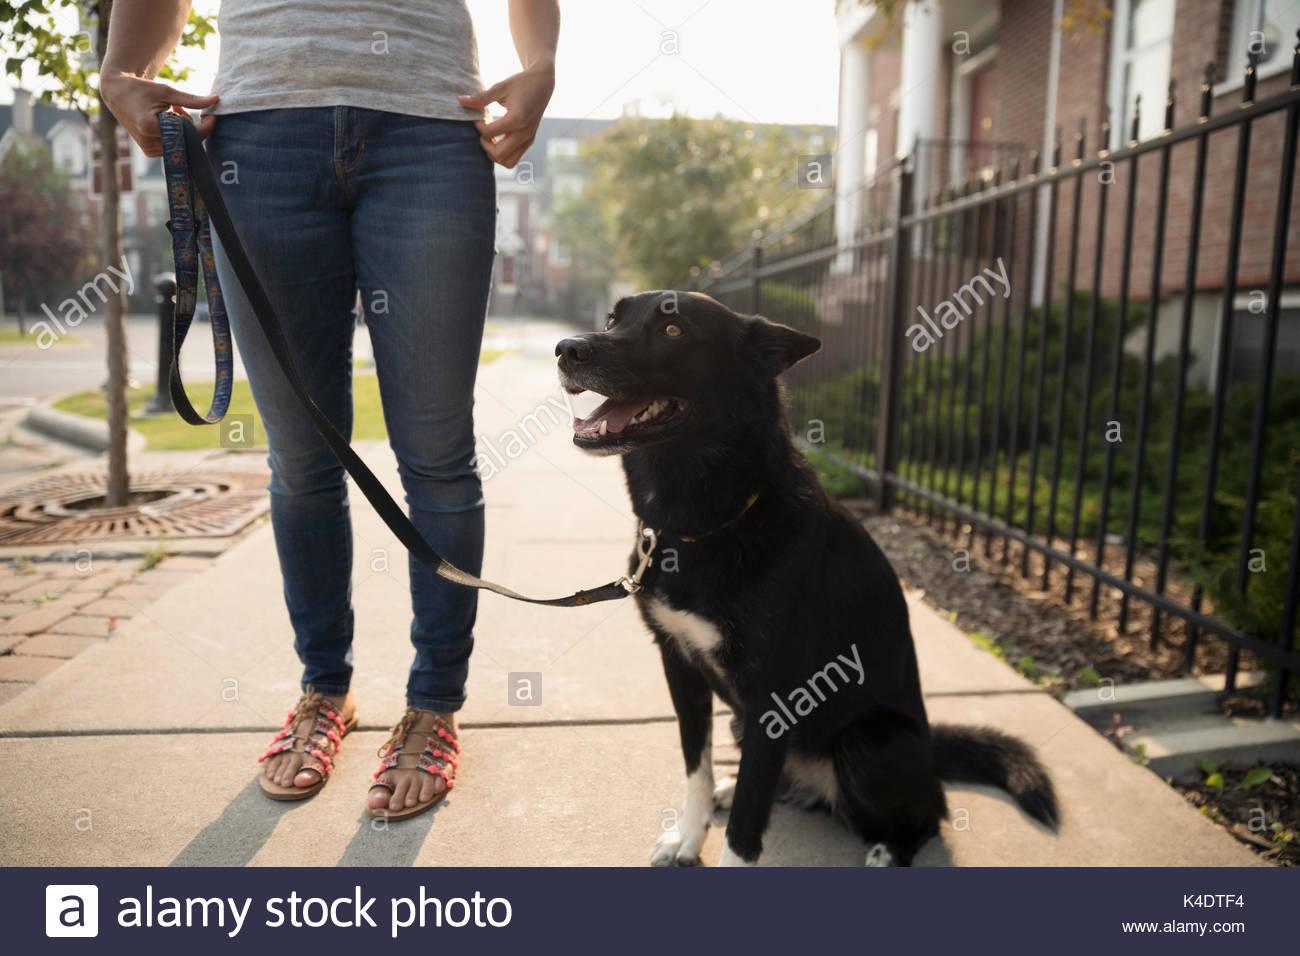 Donna con cane al guinzaglio sul marciapiede Immagini Stock